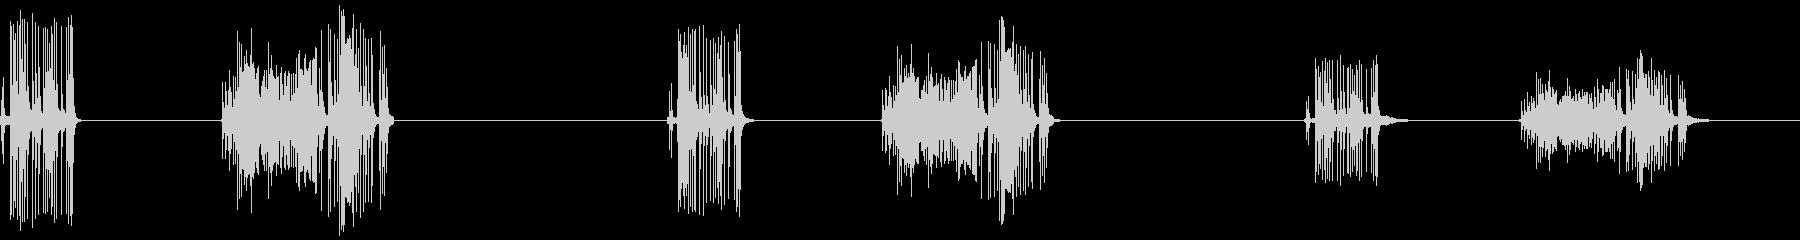 スプリングテンション、2バージョン...の未再生の波形